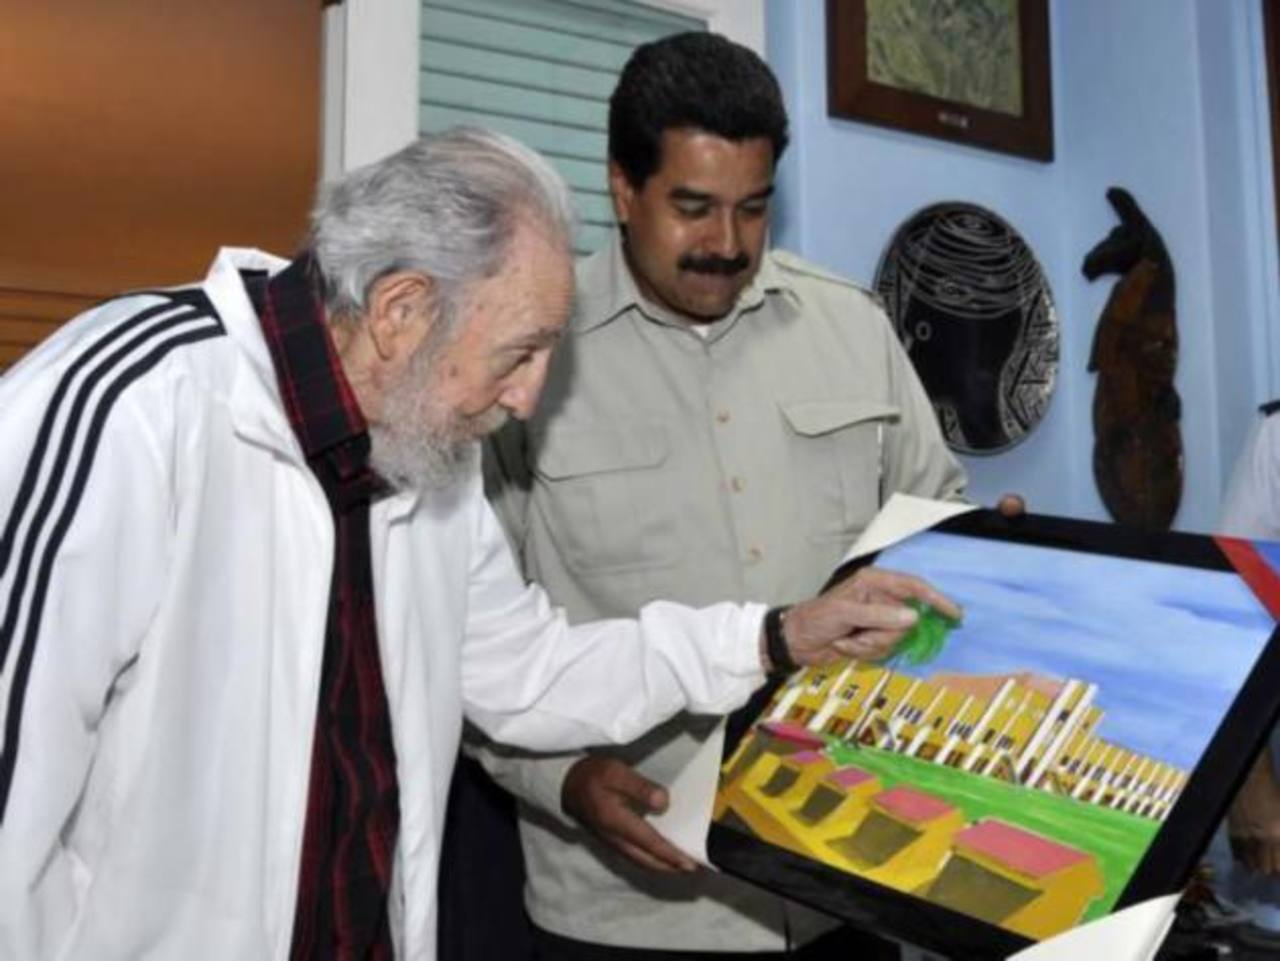 El gobernante Nicolás Maduro junto al dictador cubano Fidel Castro (izq.).